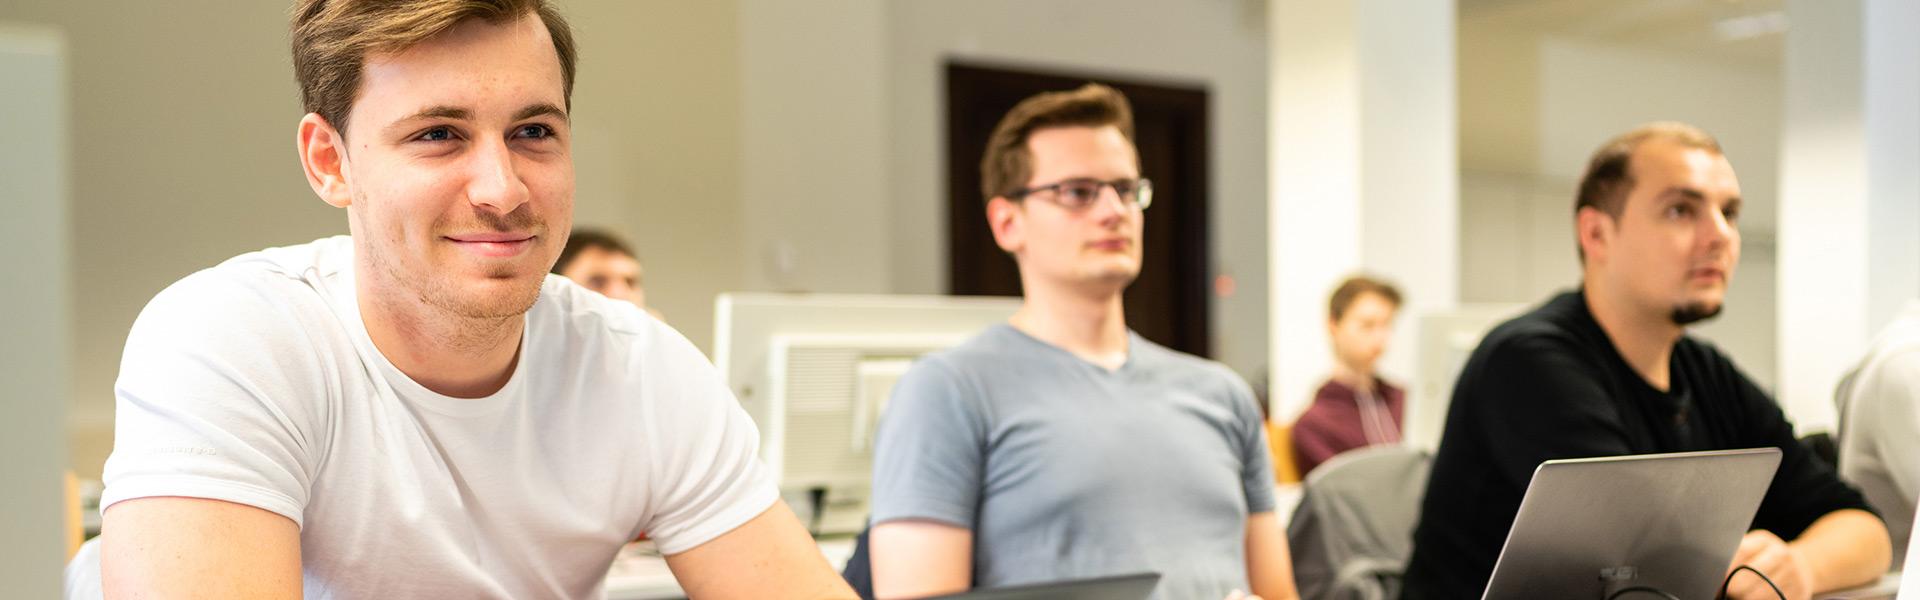 Informatik Master-Studium in Görlitz: Im Fokus ist ein junger Mann, der scheinbar auf einen Bildschirm schaut.